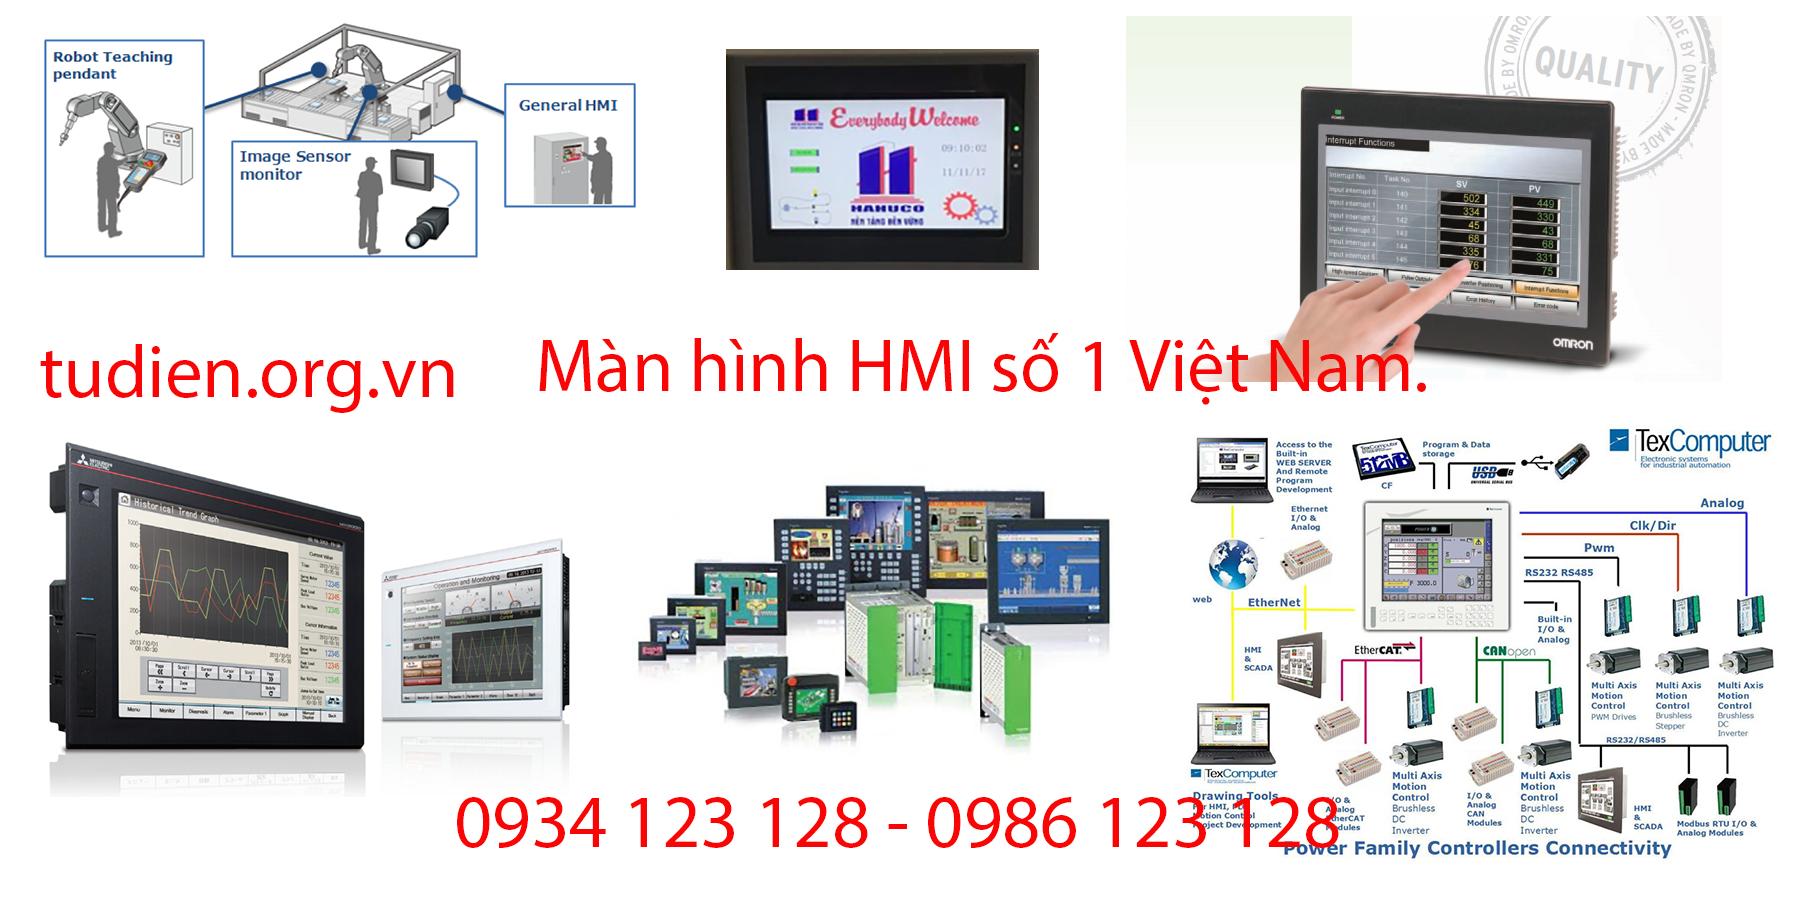 HMI là gì? HMI có chức năng như thế nào? HMI được ứng dụng ở đâu?